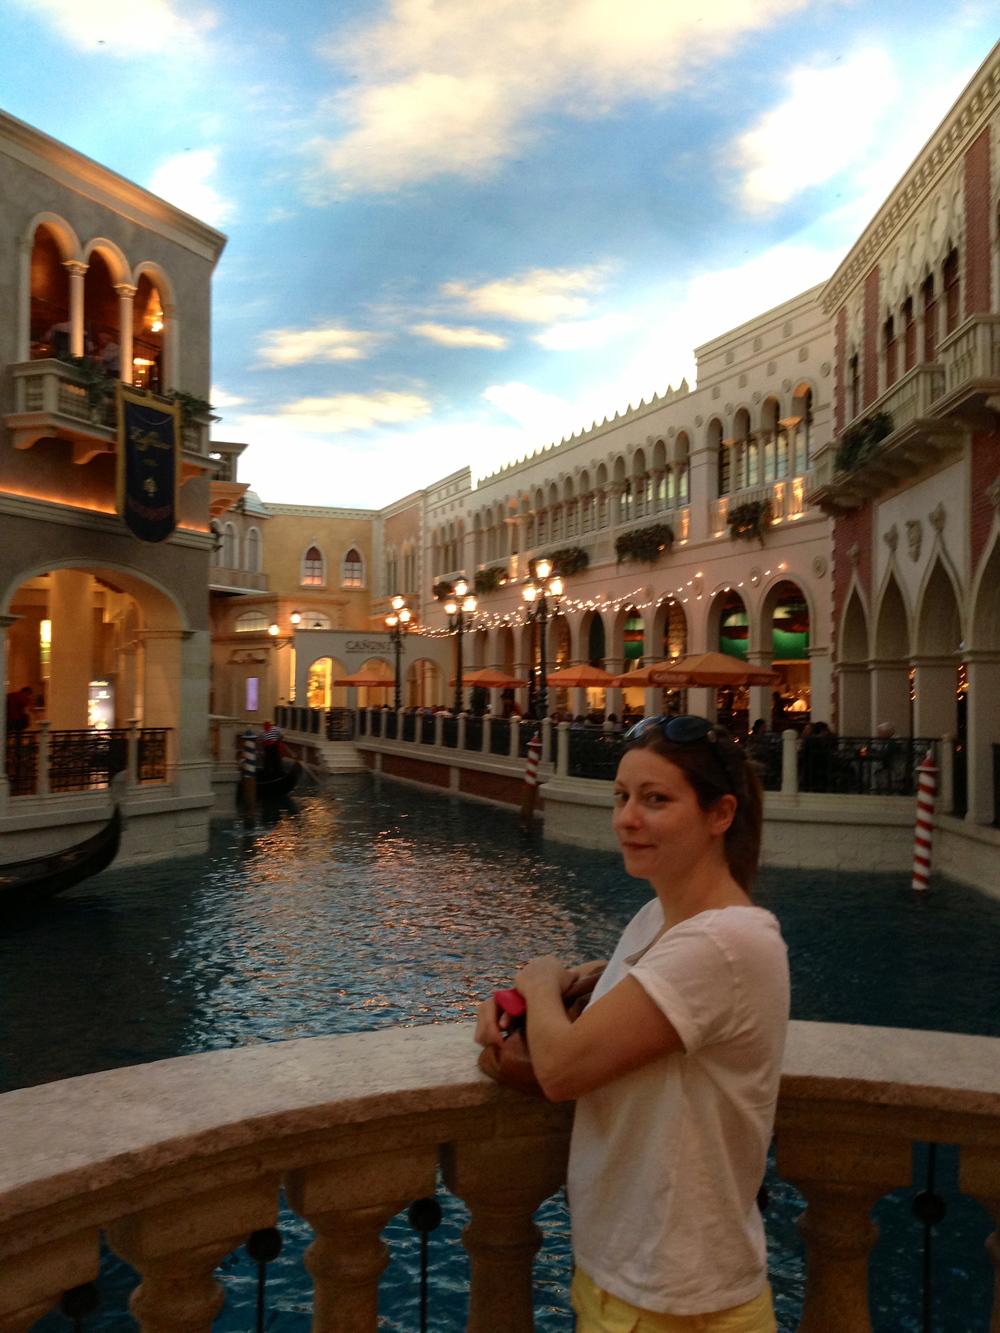 The indoor waterways of The Venetian, LV